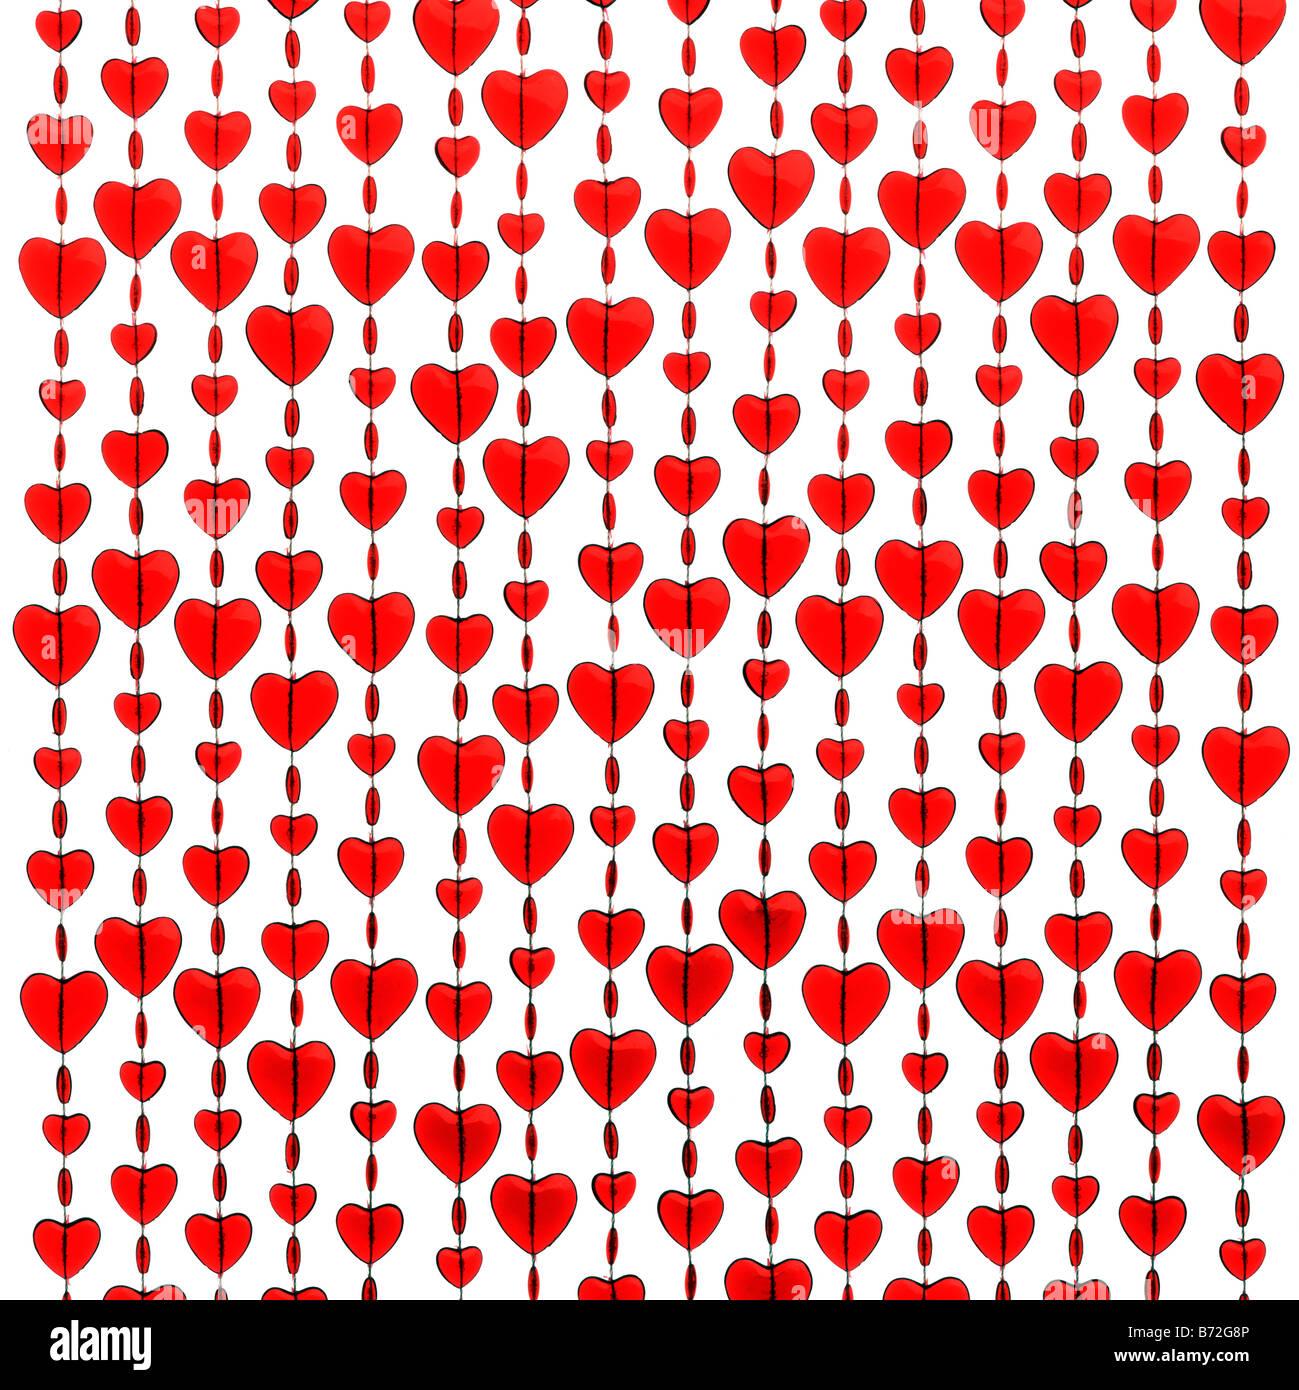 Rote Herzen Stockfoto